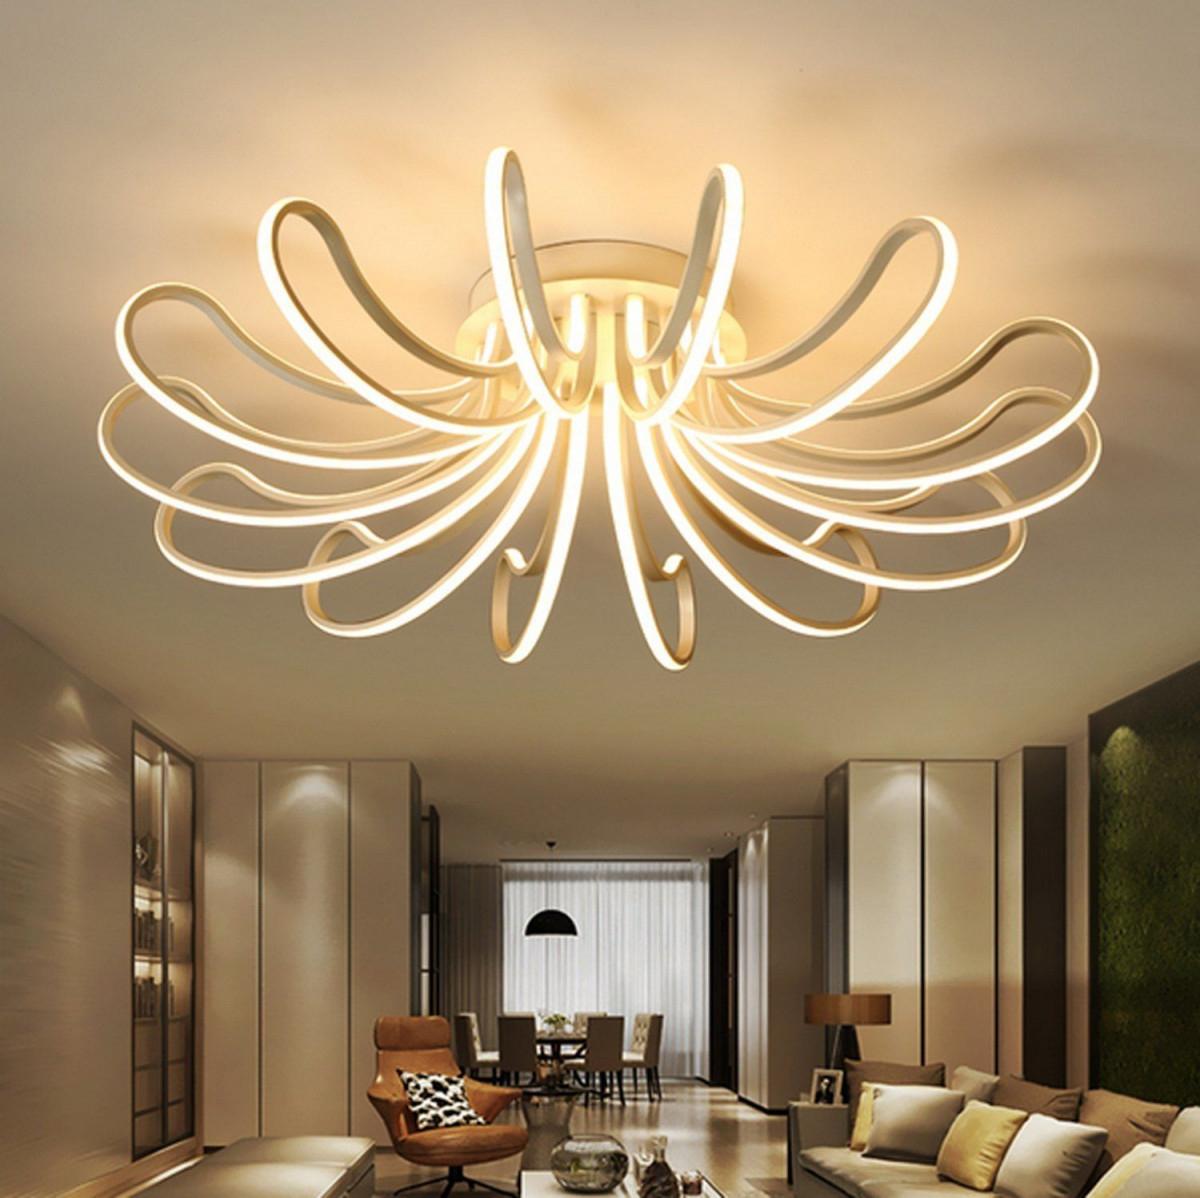 Waineg Designer Moderne Leddeckenleuchten Wohnzimmer von Led Wohnzimmer Lampe Photo